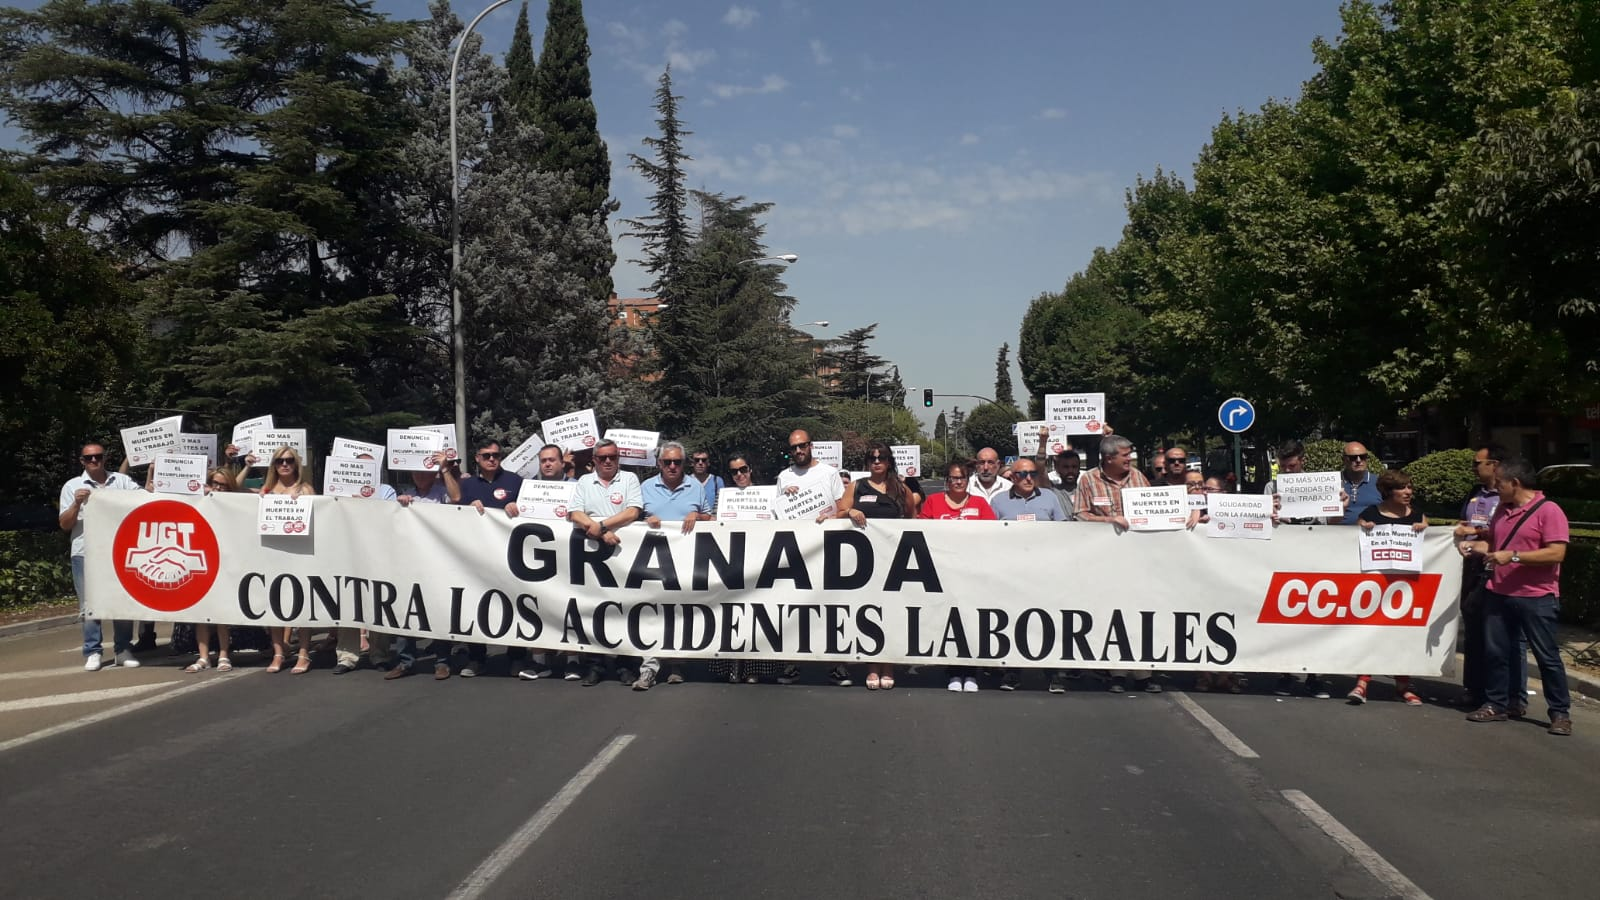 Sindicatos denuncian la falta de medidas de seguridad en el accidente laboral que ha matado a un trabajador en Albolote